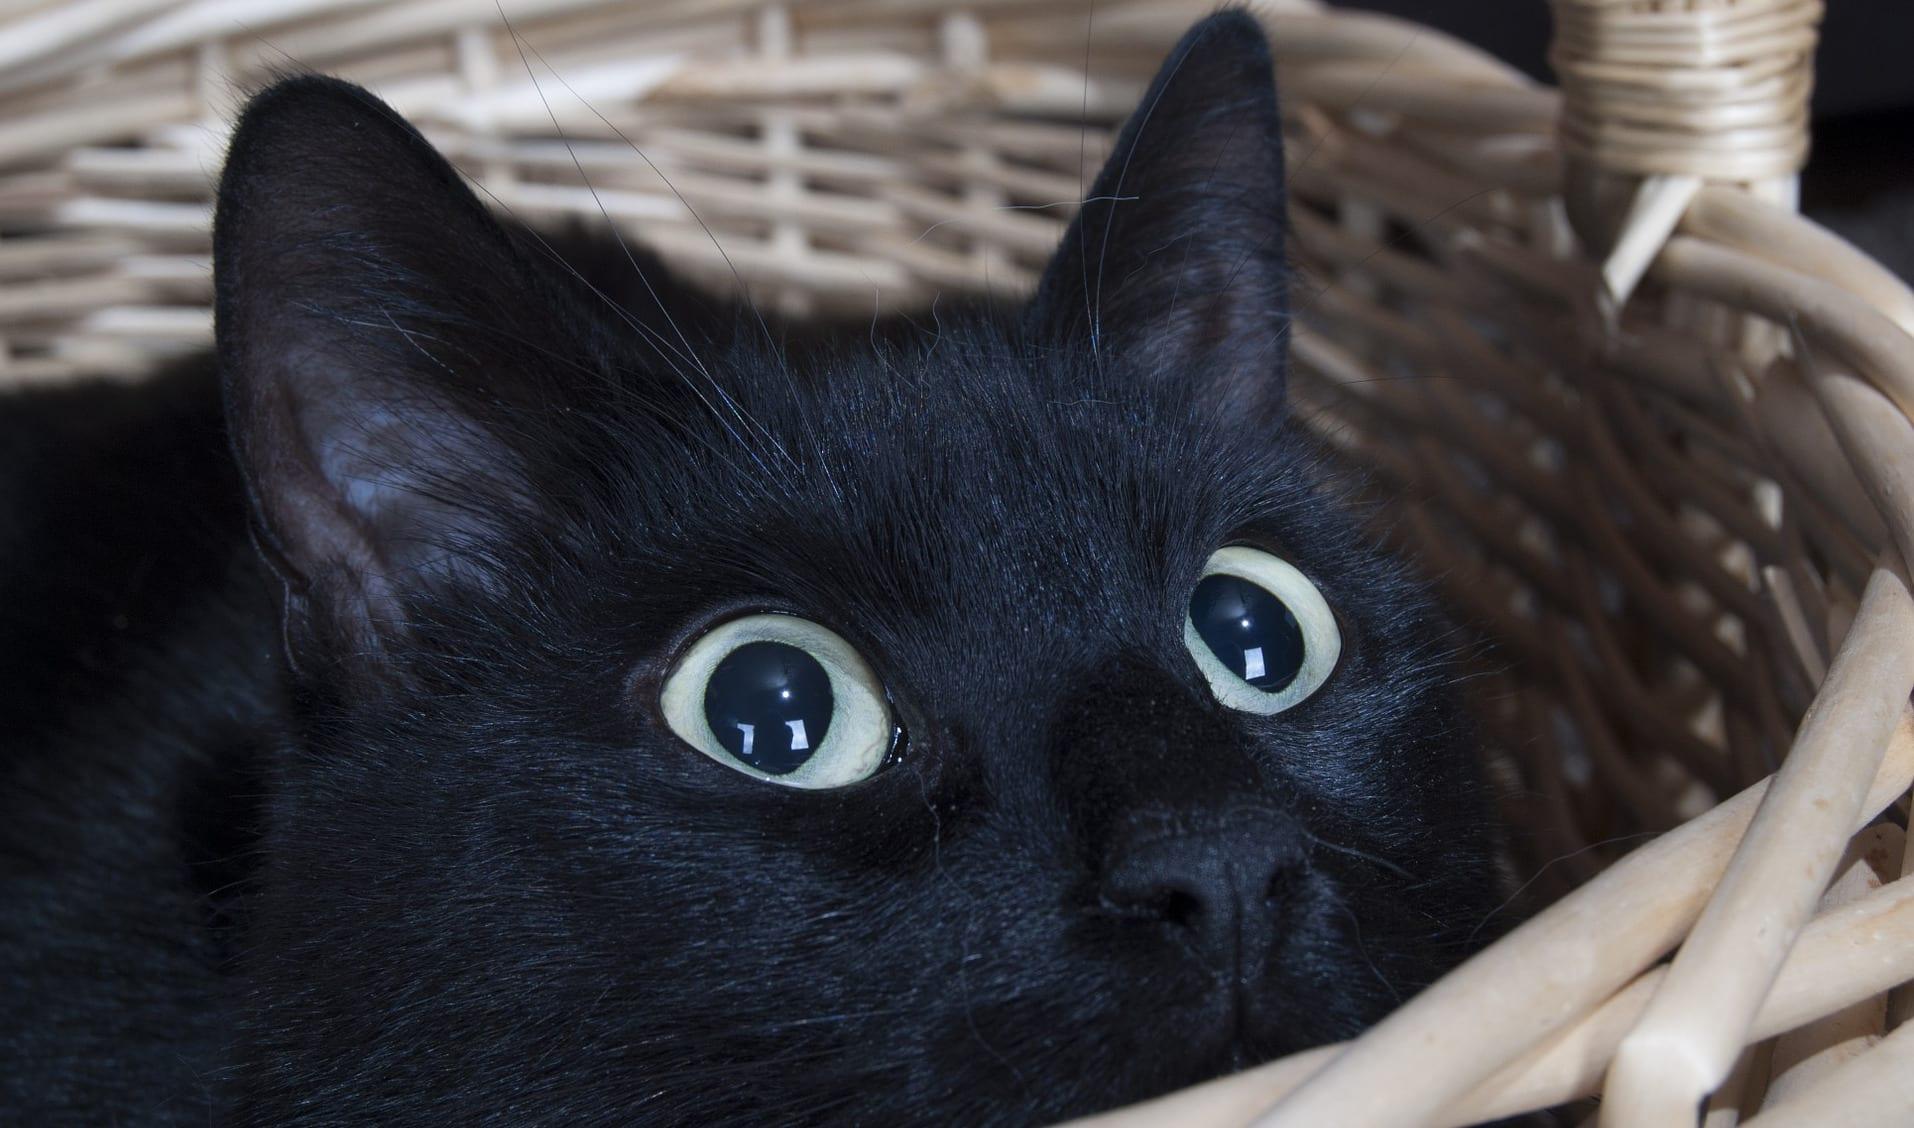 Door stress veroorzaakte blaasontstekingen bij de kat